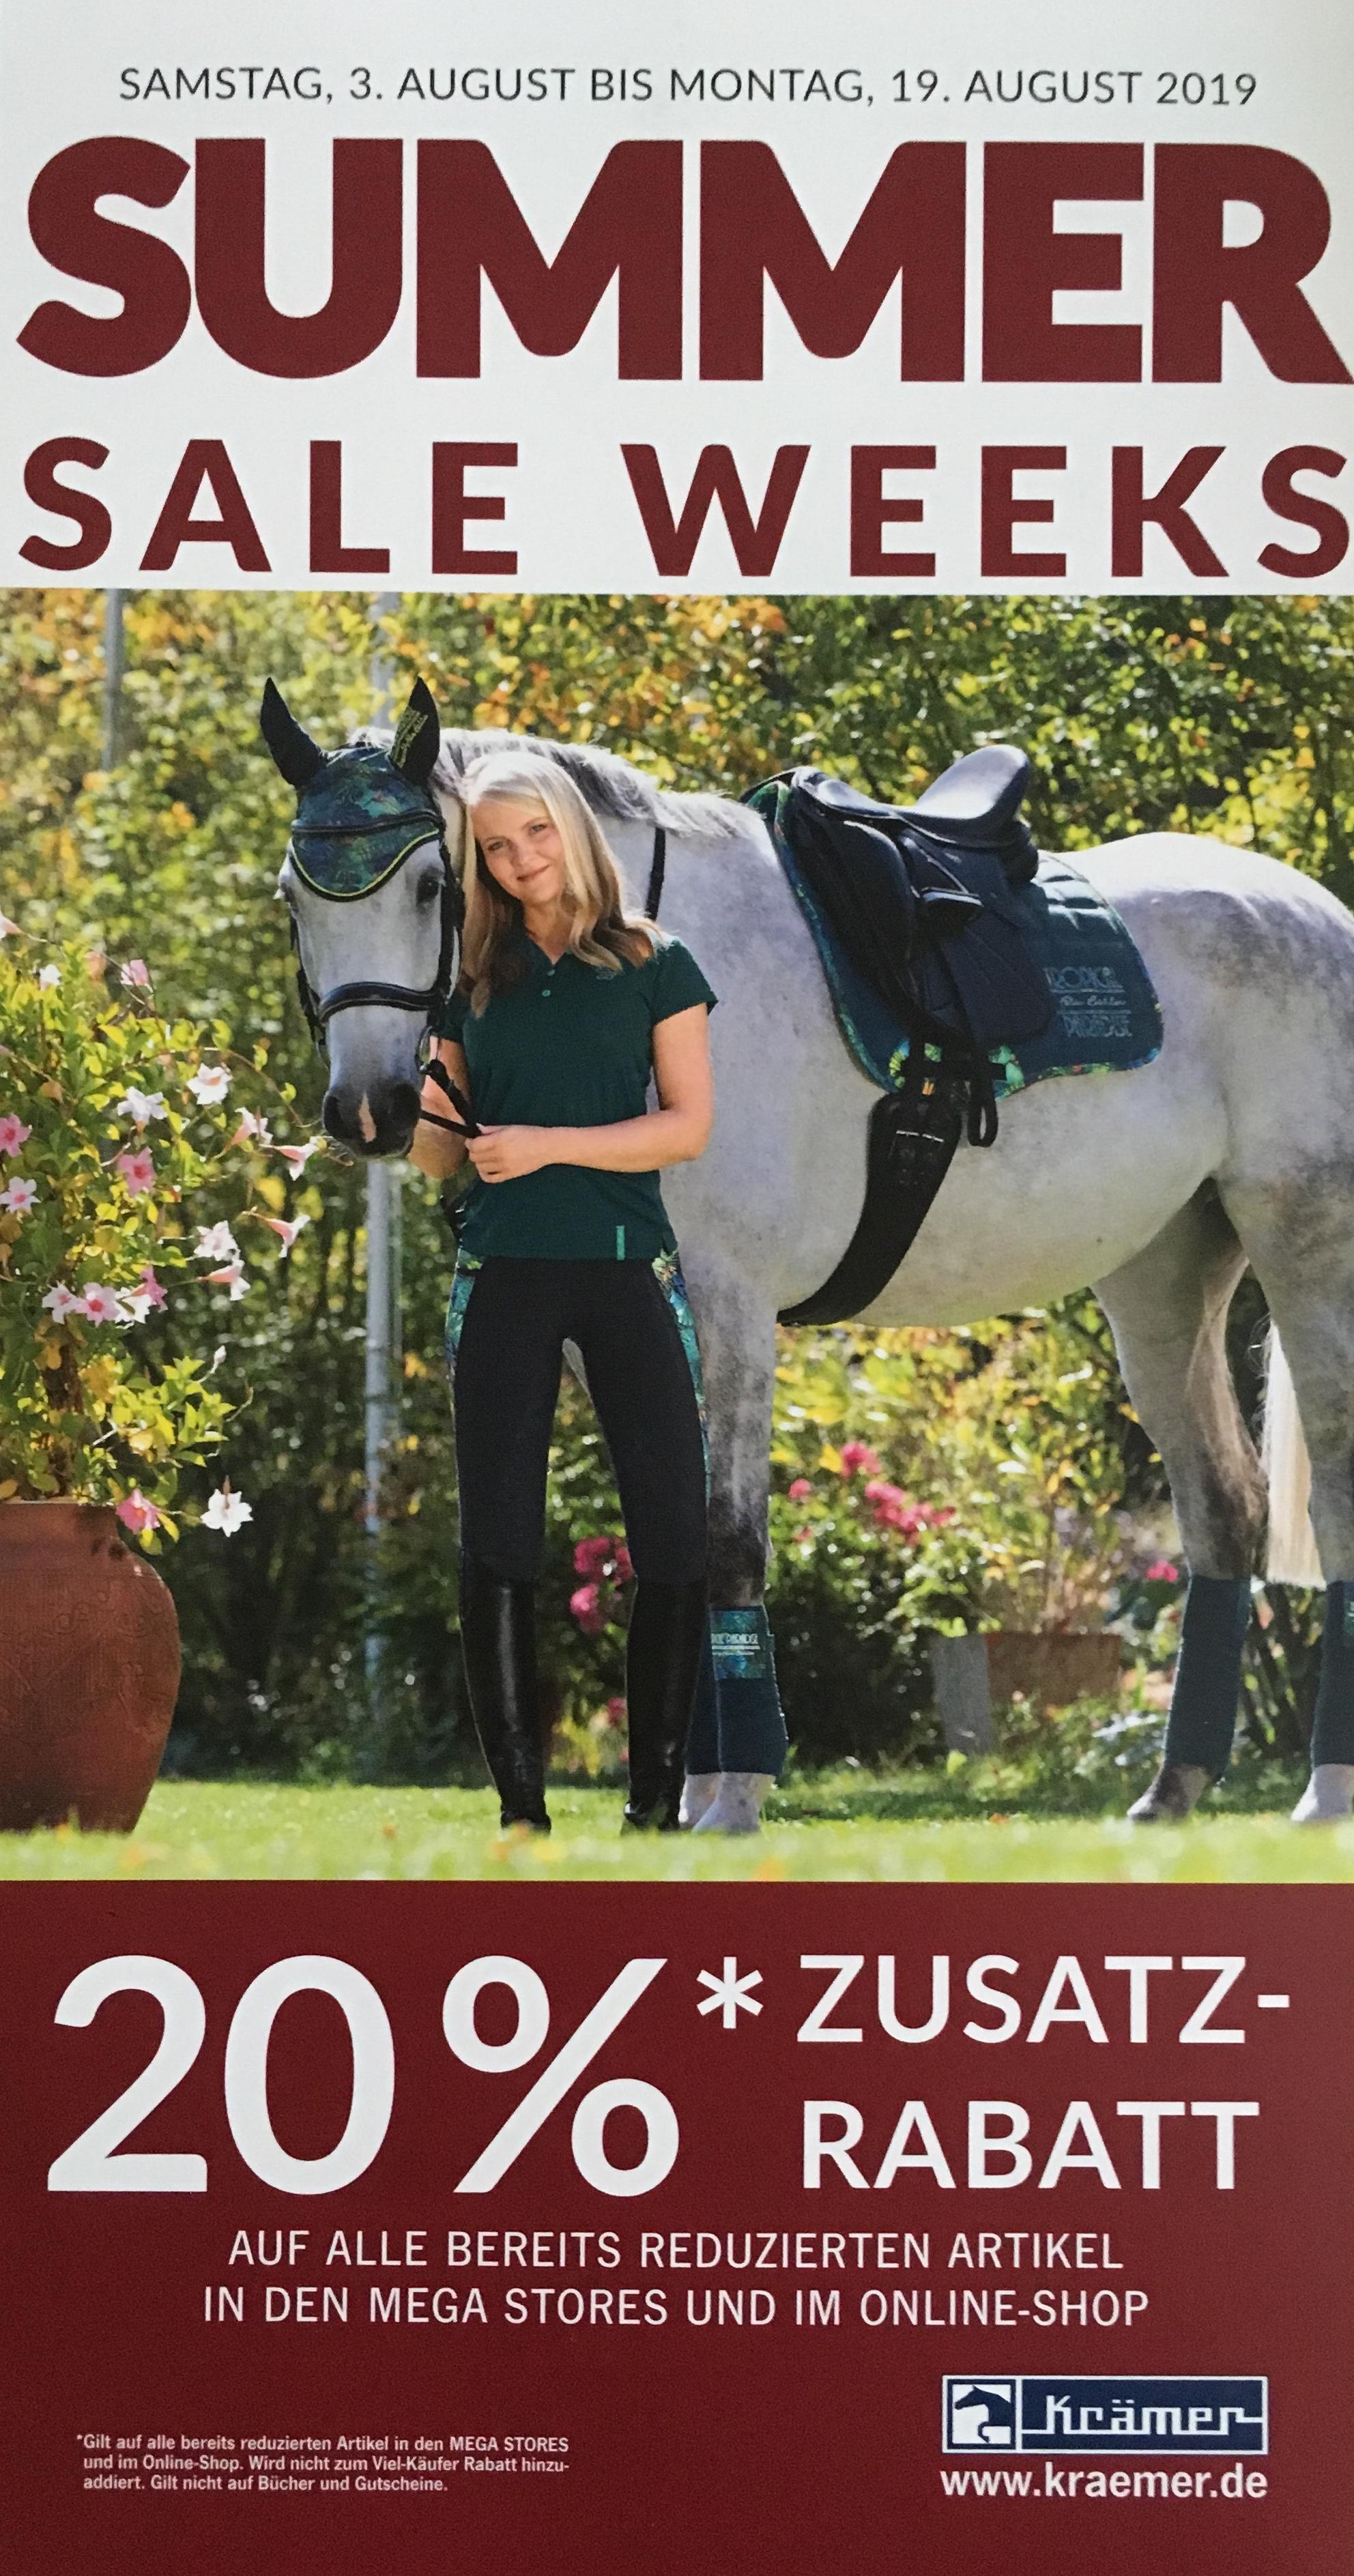 Krämer Pferdesport 20% auf alle bereites reduzierte Artikel vom 03.08 - 19.08 / Online-Shop und im Mega Store